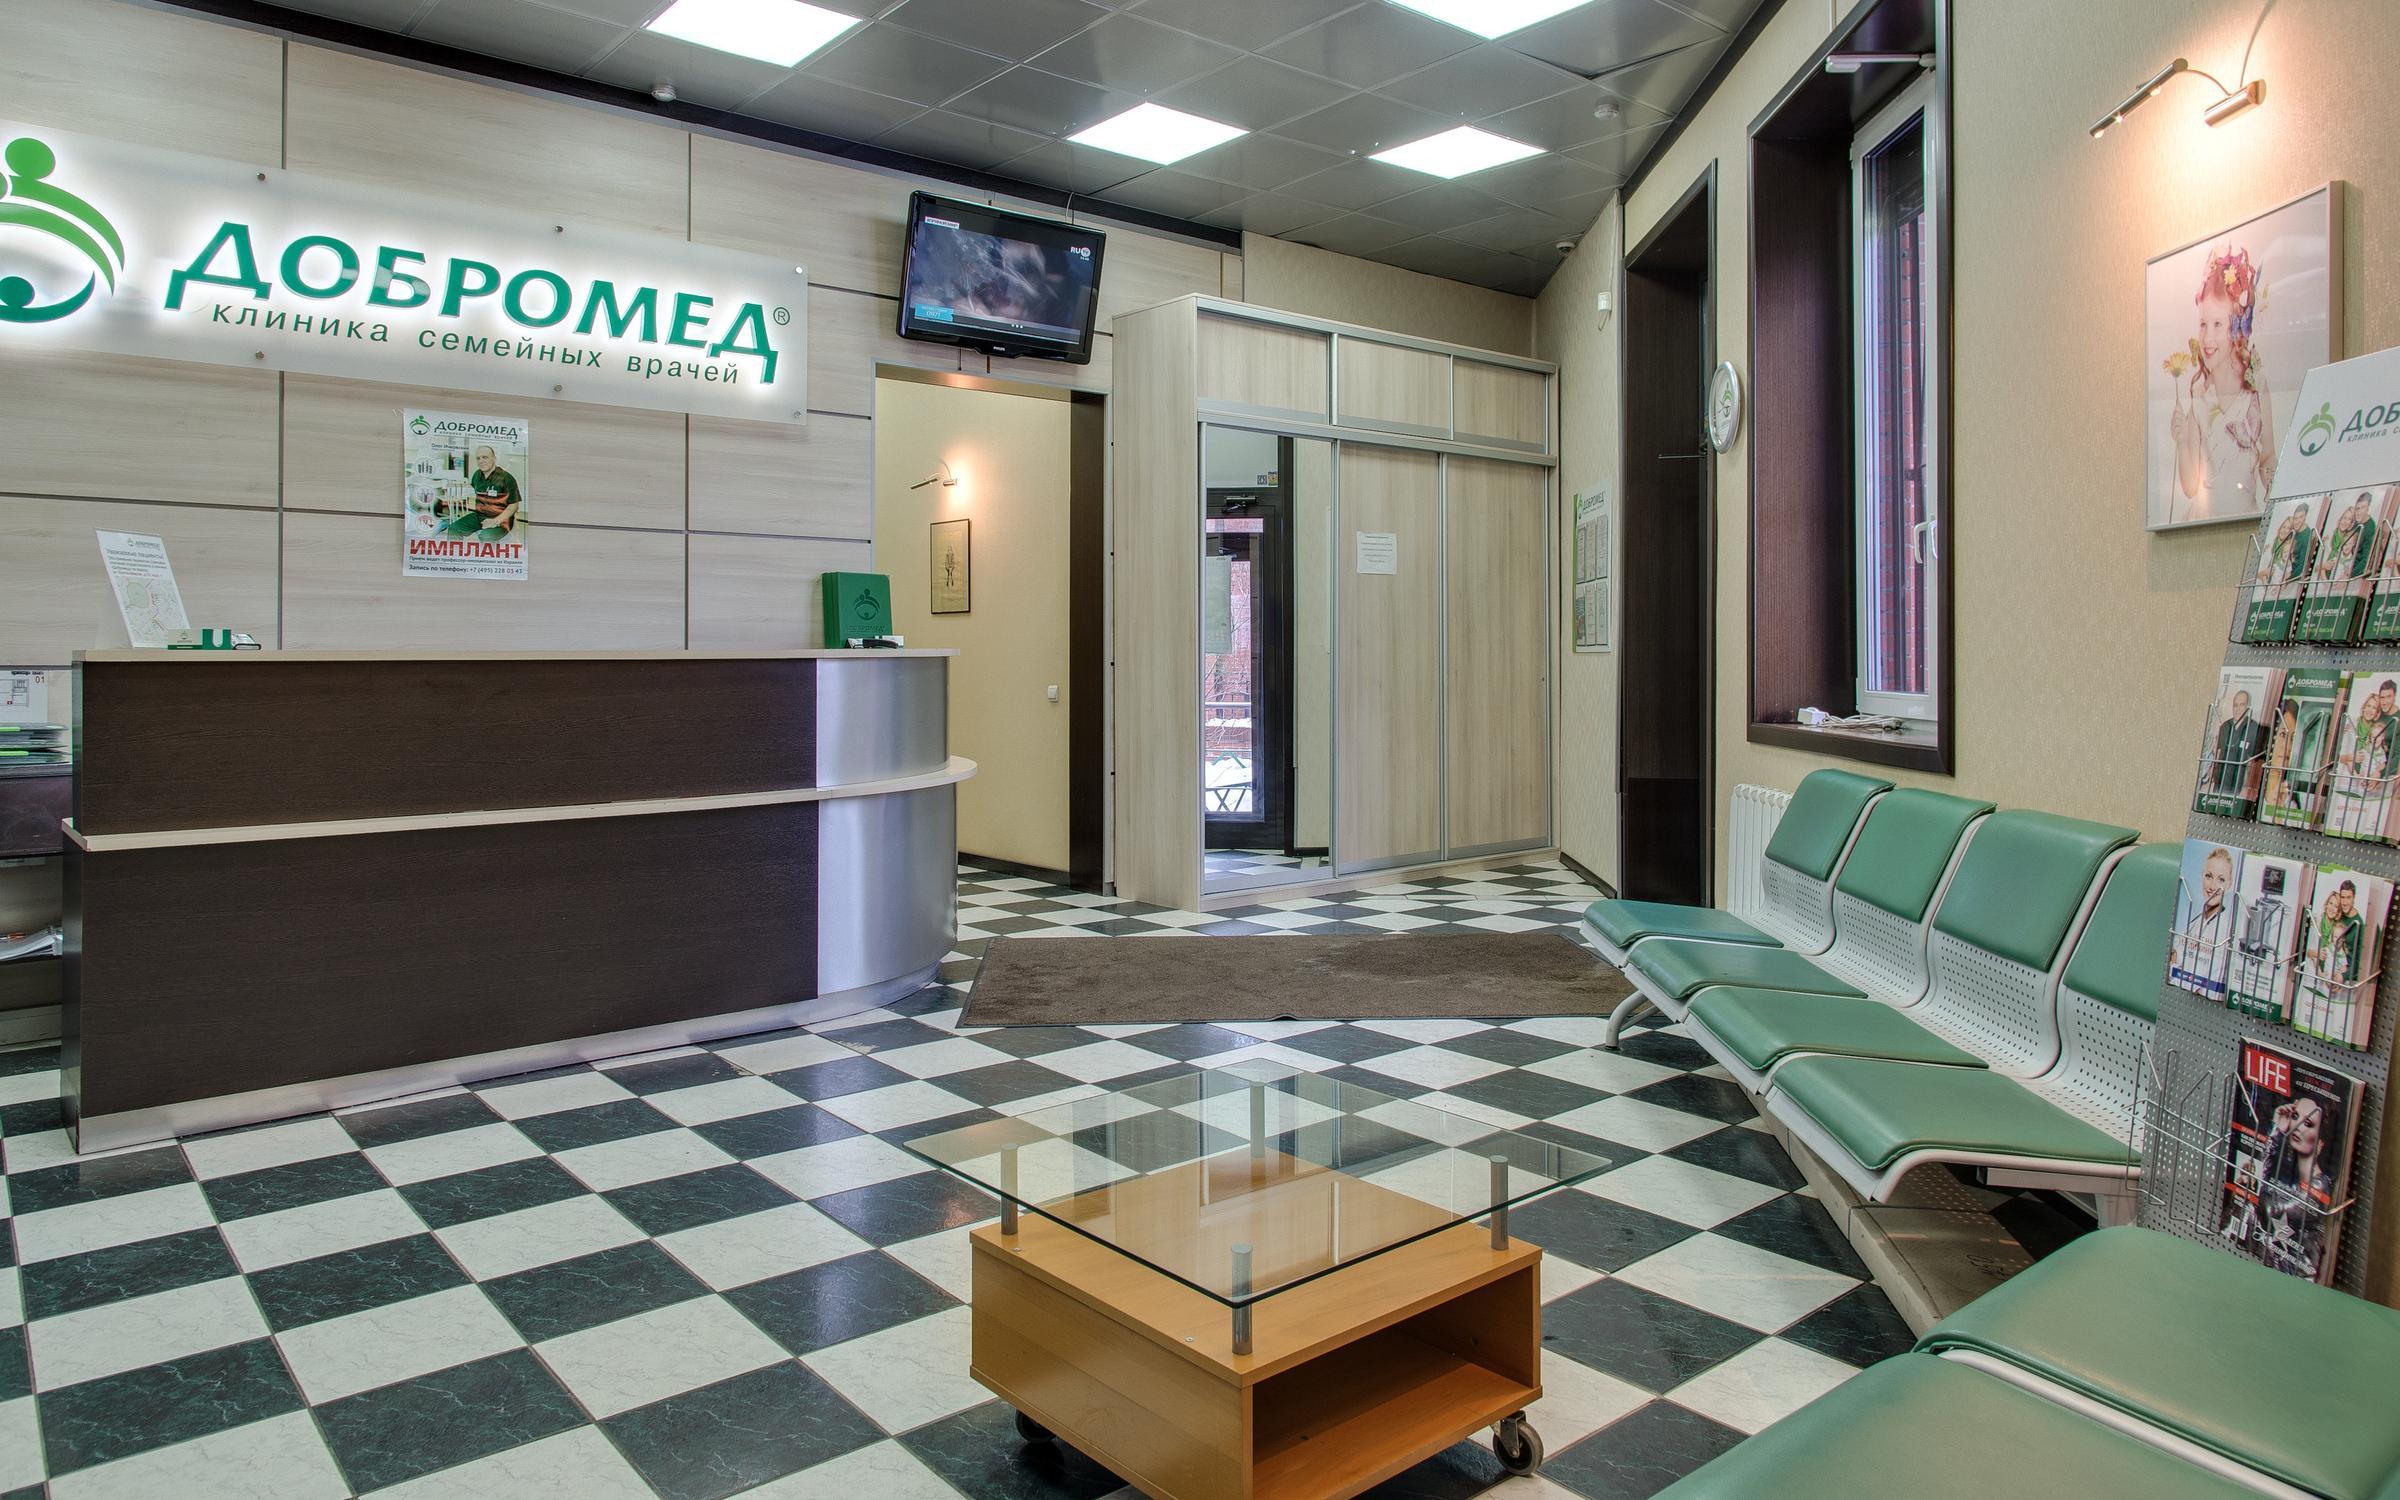 фотография Клиники Добромед на Братиславской улице, 13 к 1